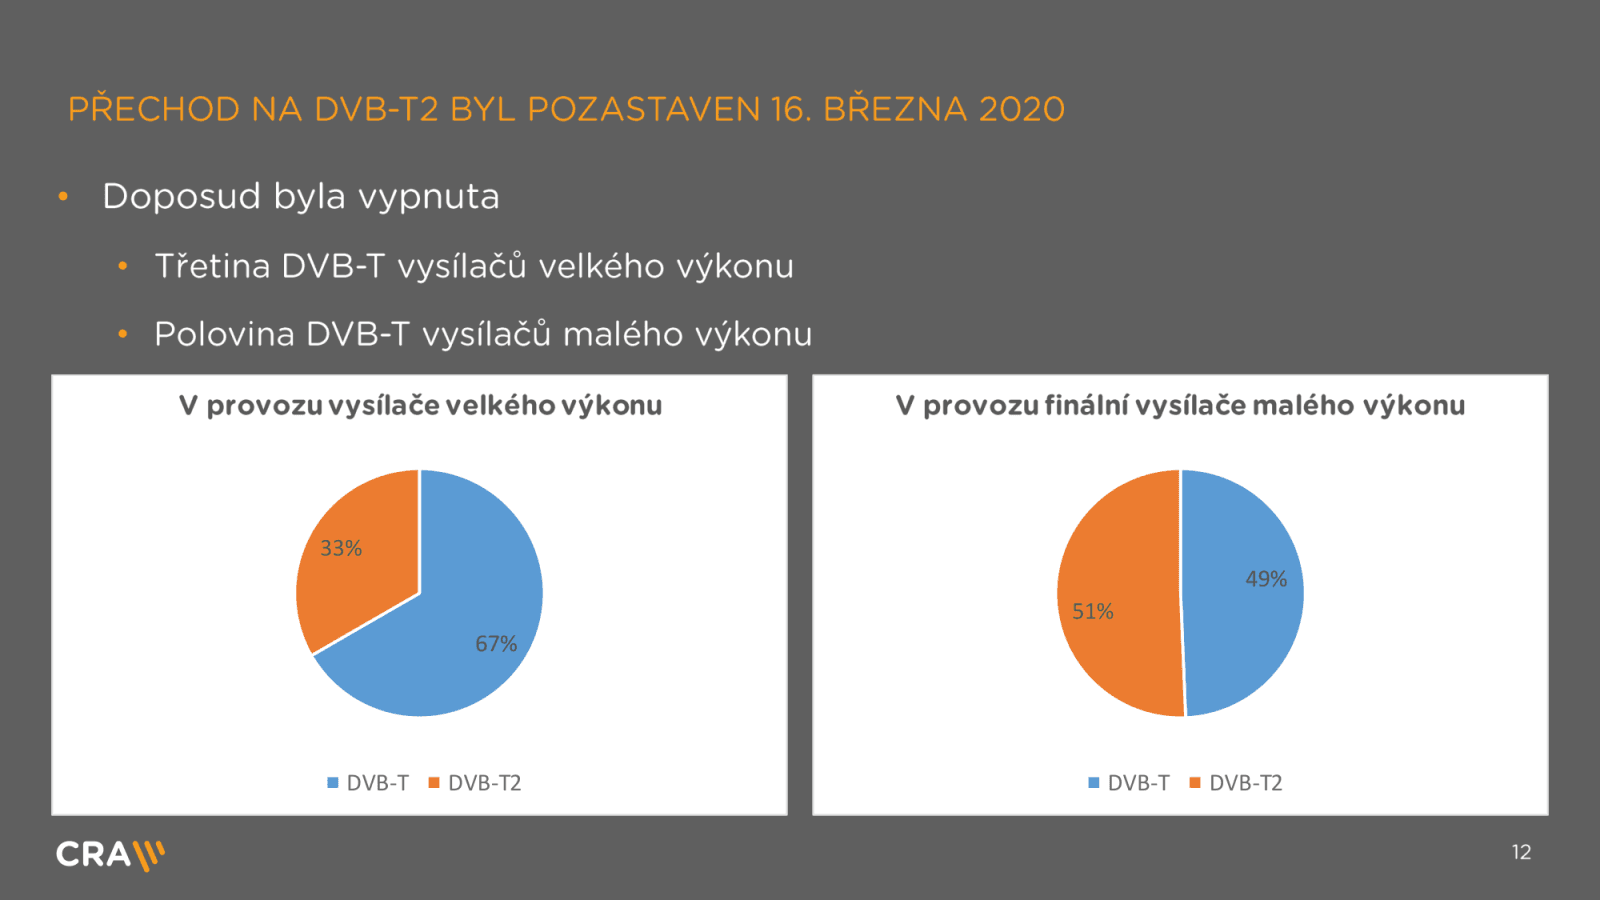 Výzkum, statistiky a termíny k přechodu na DVB-T2 po koronaviru